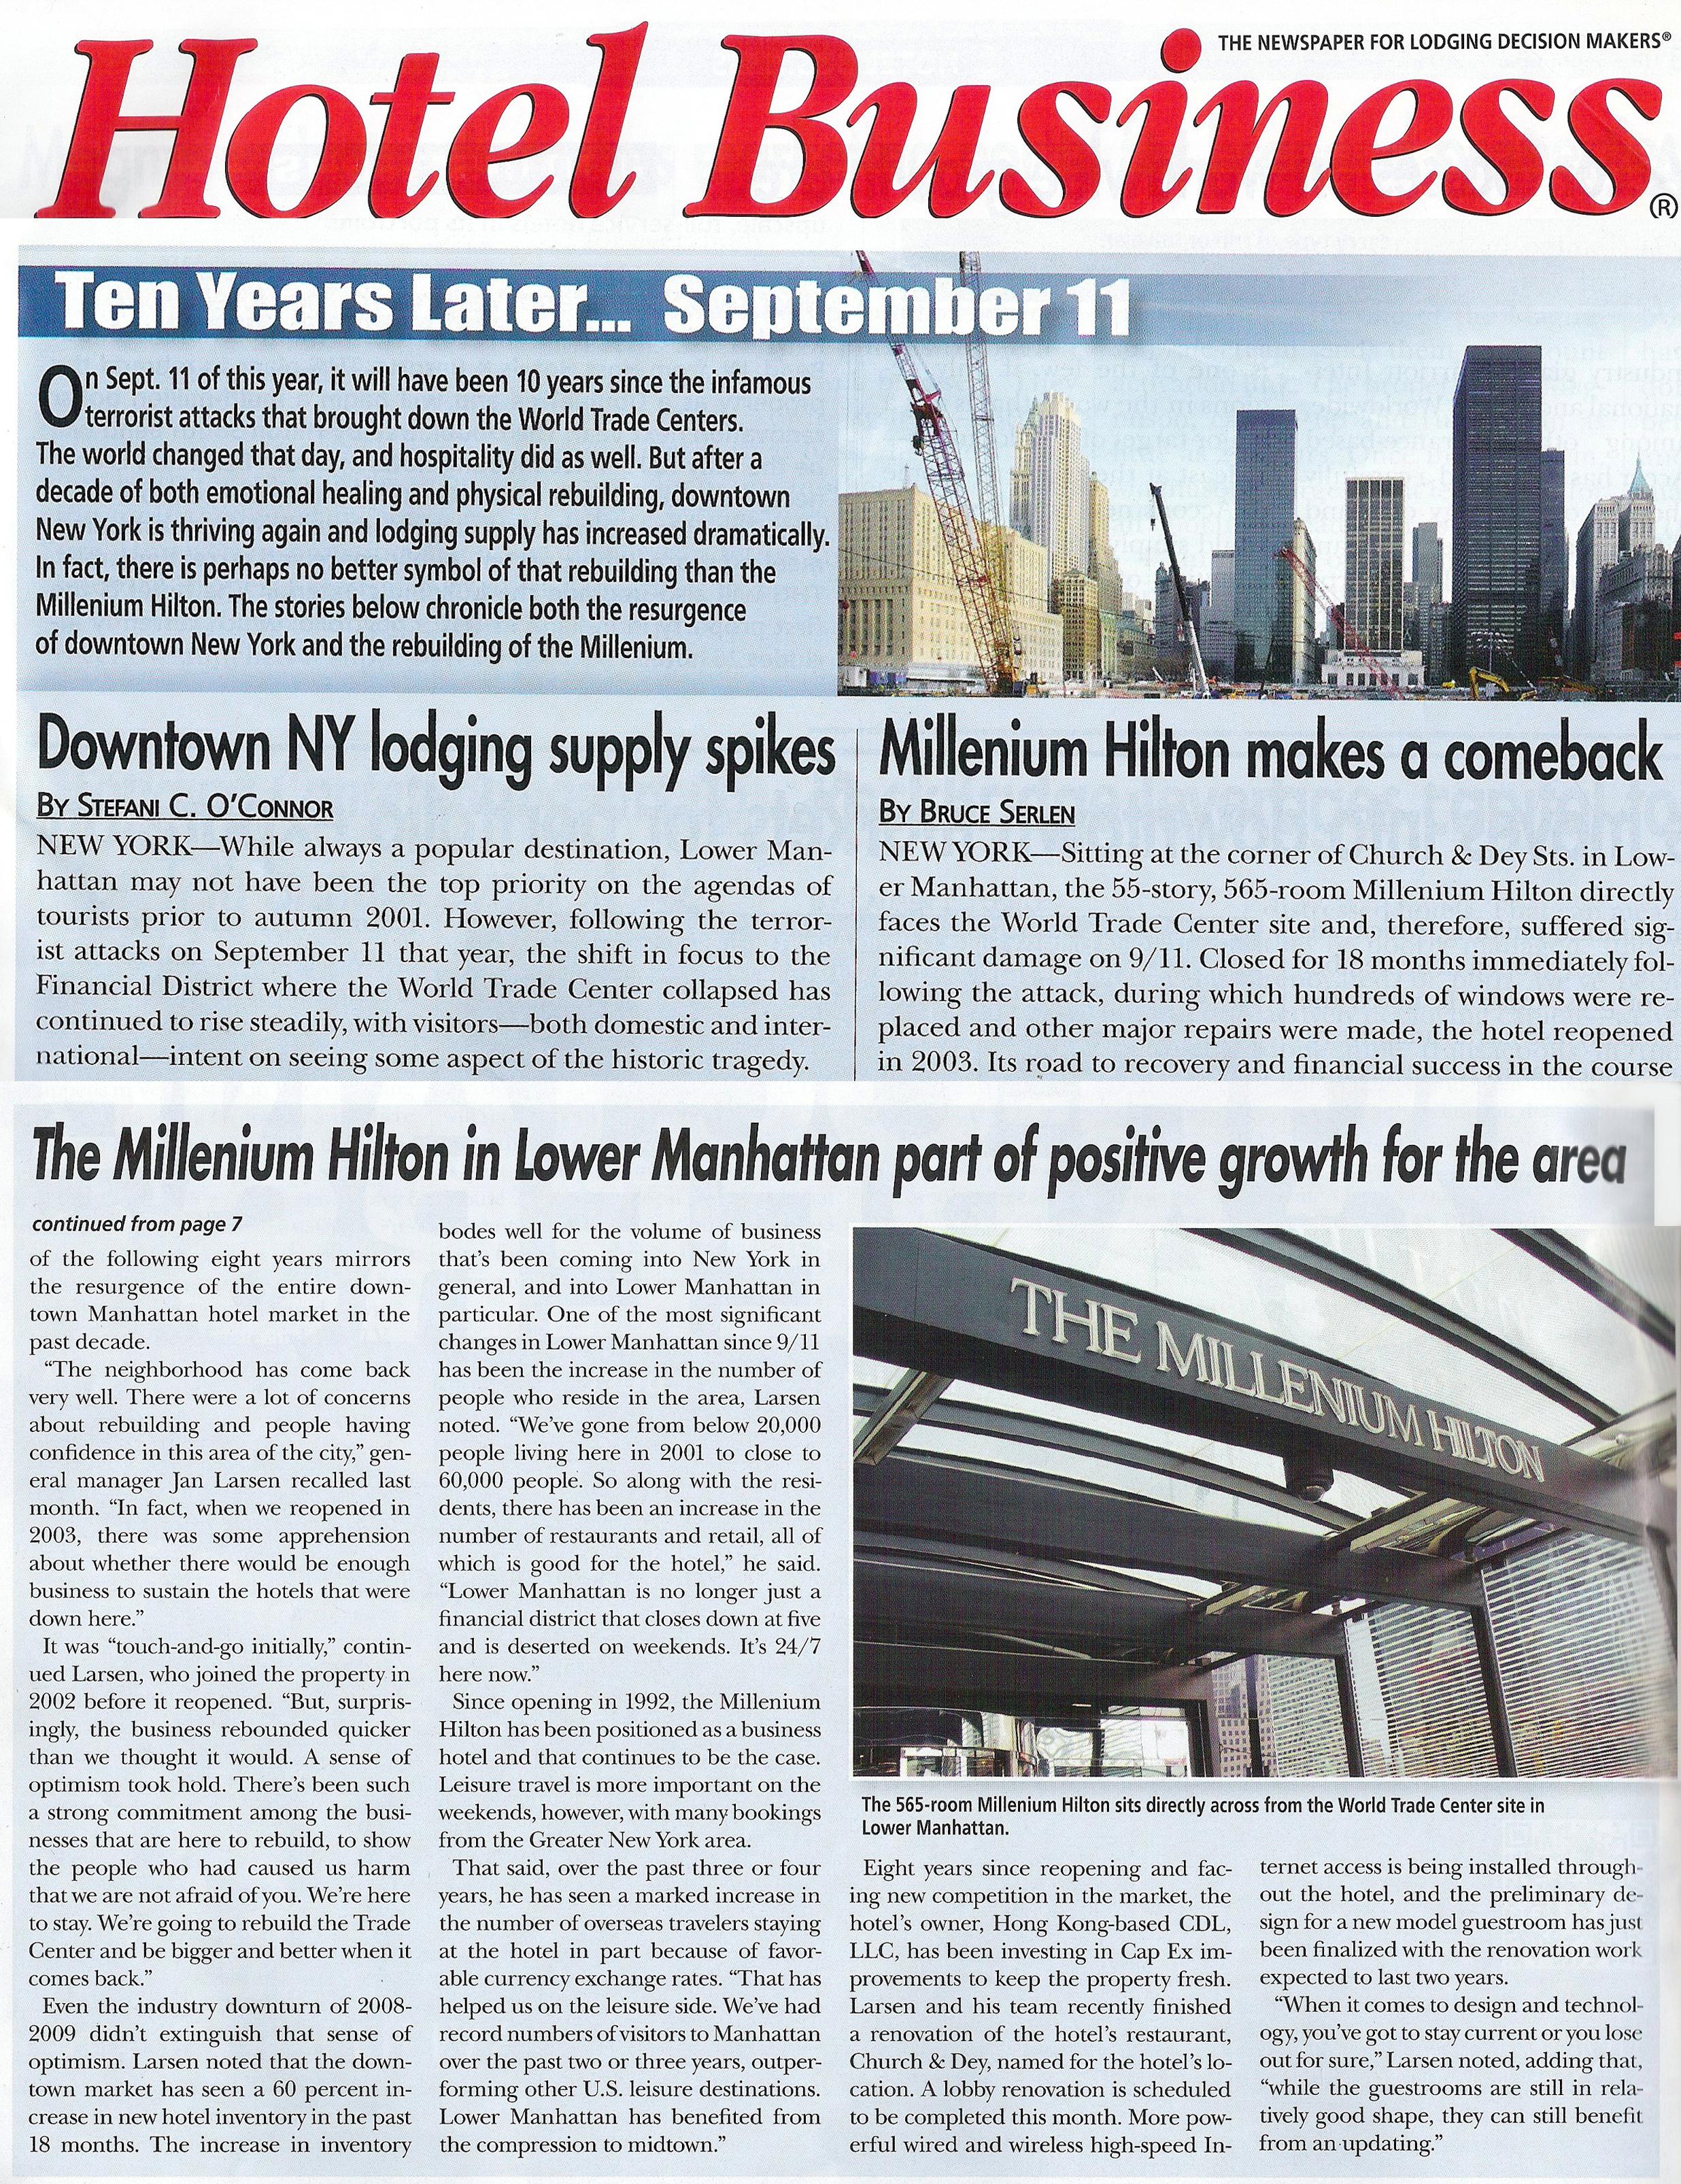 MILLENIUM HOTEL BUSINESS MAG ARTICLE FULL